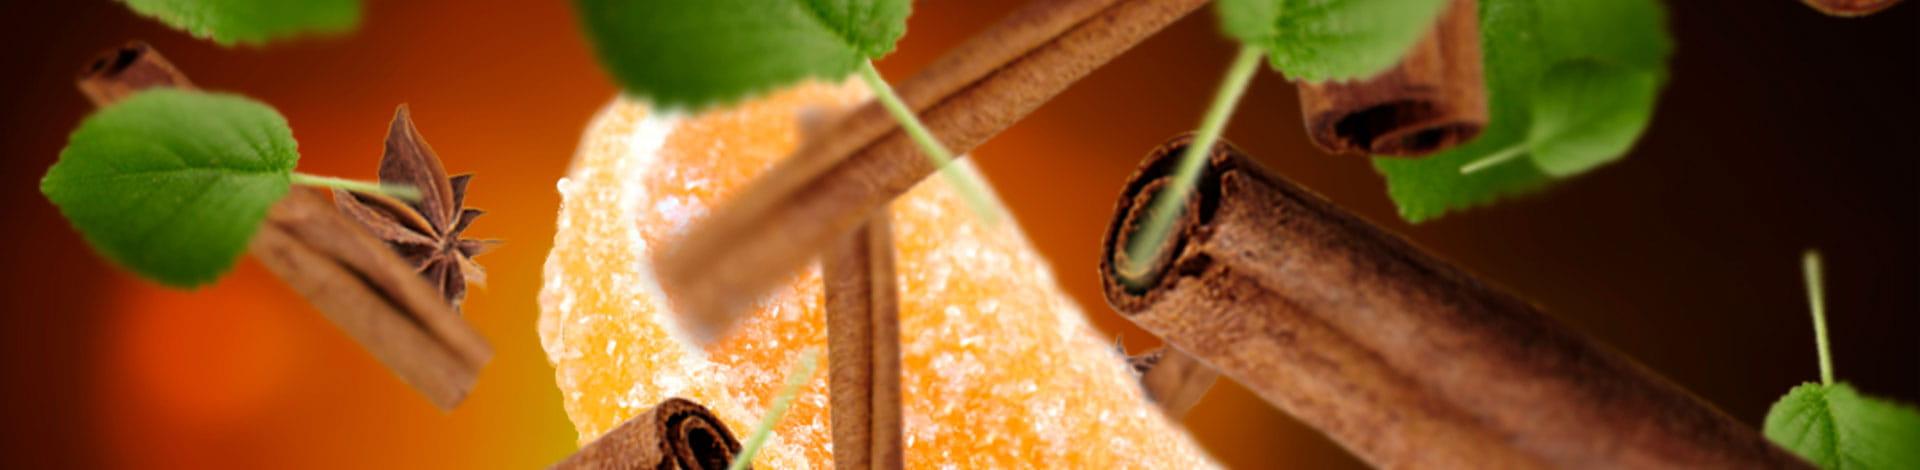 Canela en rama y fruta escarchada aroma oriental